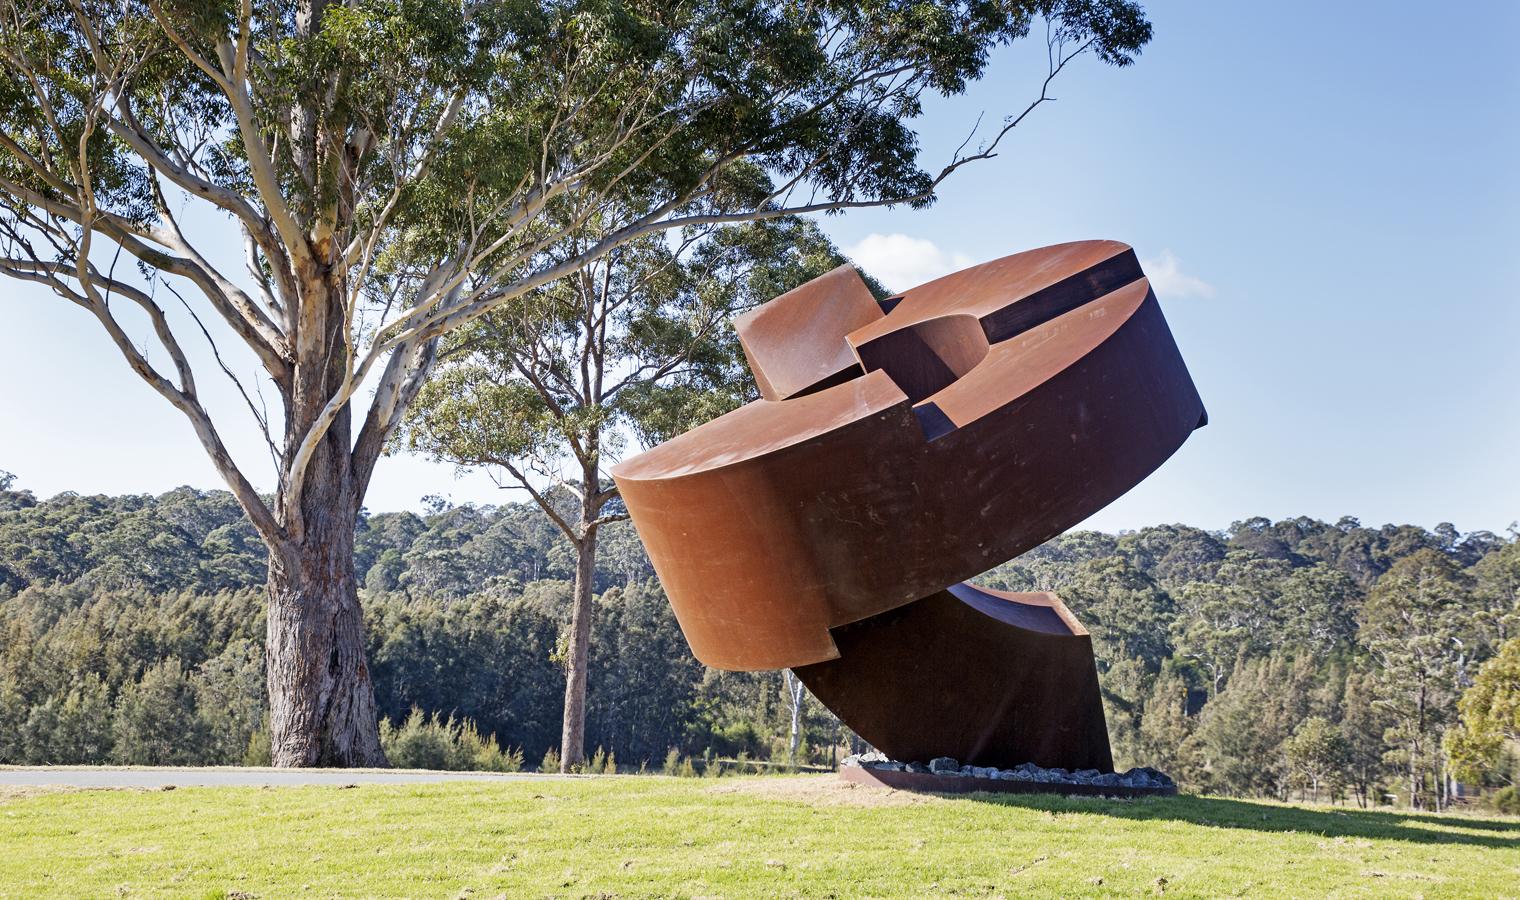 Existance Sculpture